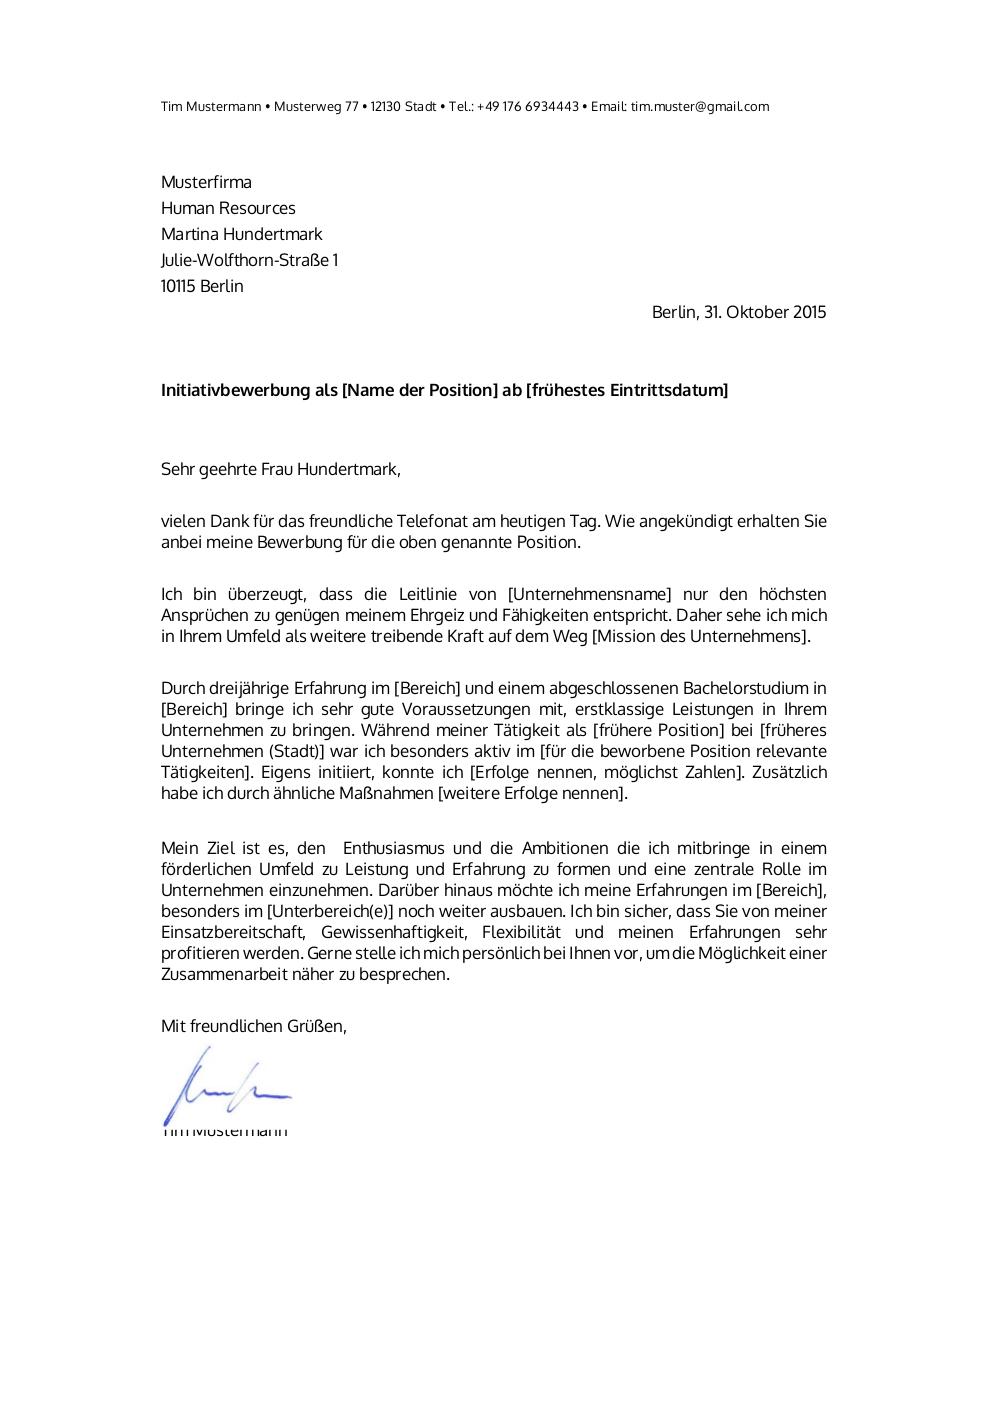 Initiativbewerbung: Muster für Psychologe | lebenslaufdesigns.de